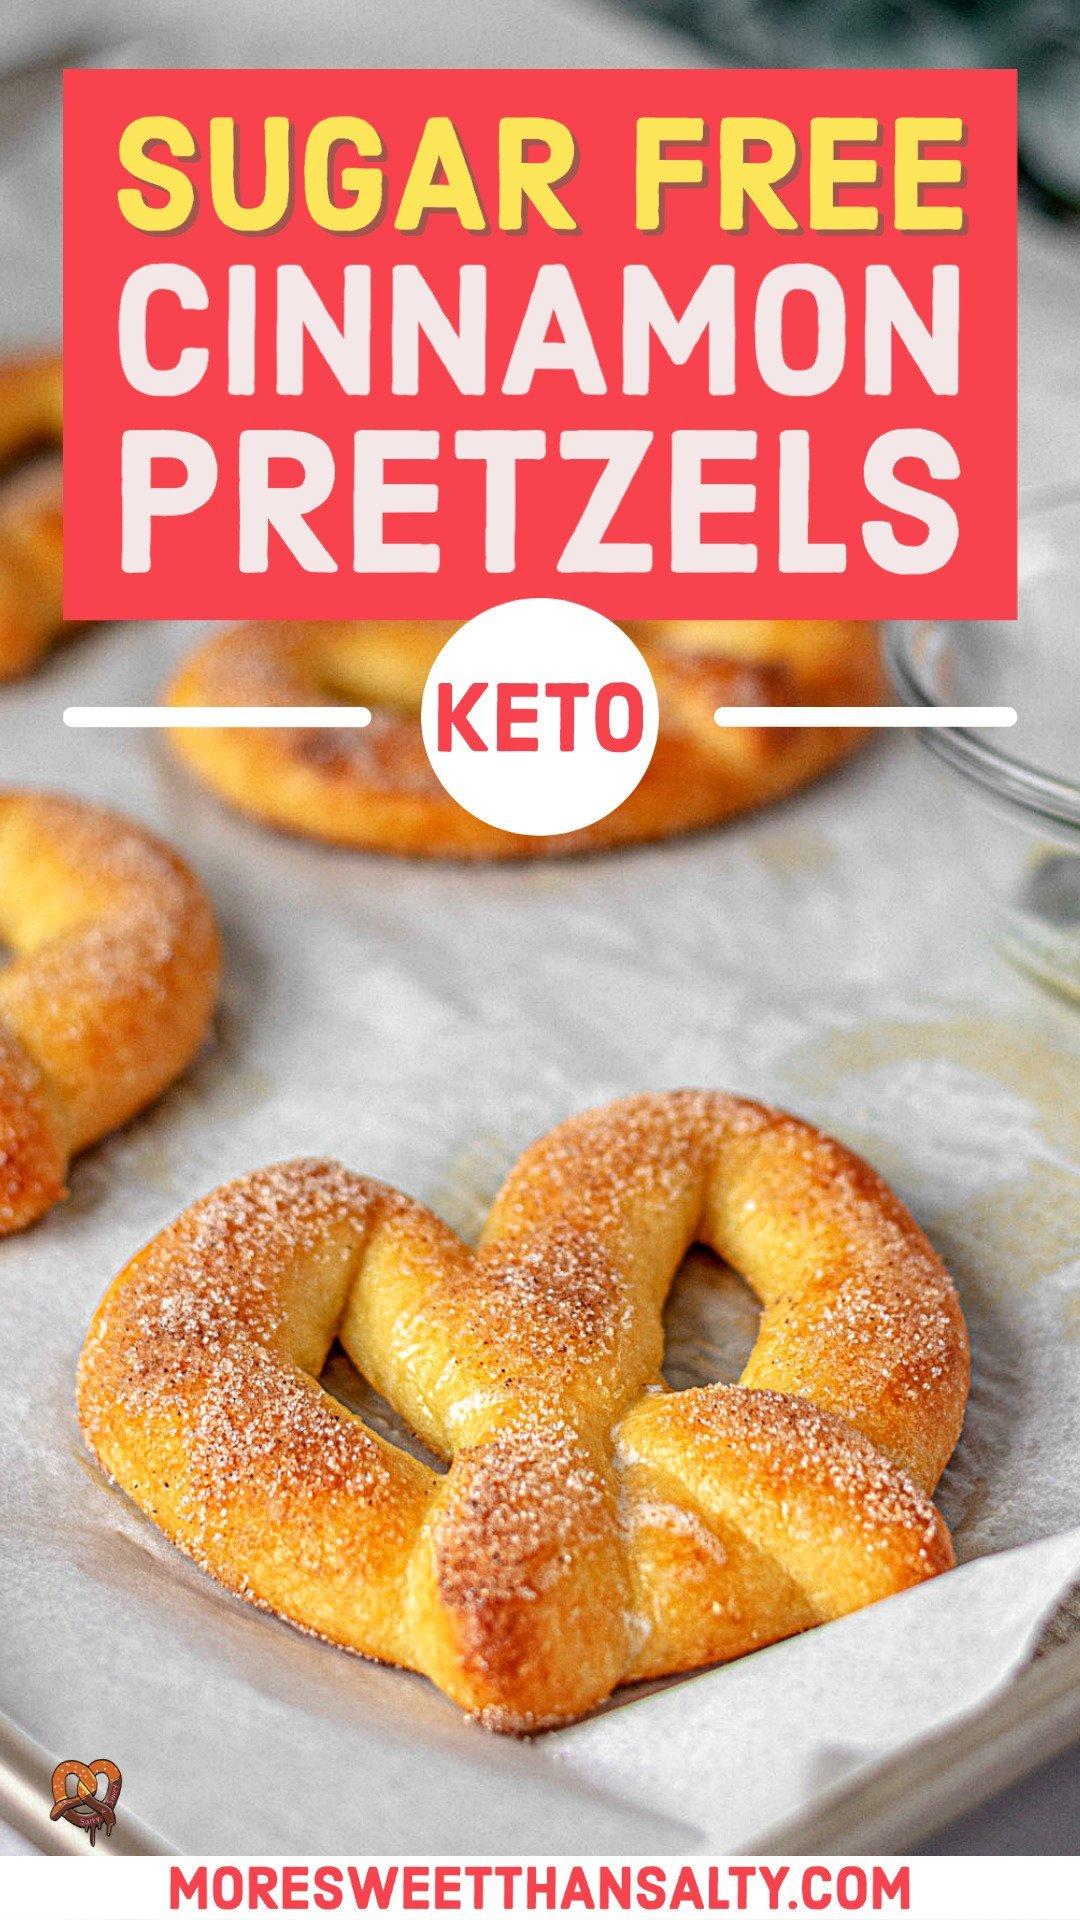 sweetketolife.com-sugar-free-pretzels-keto-no-carb